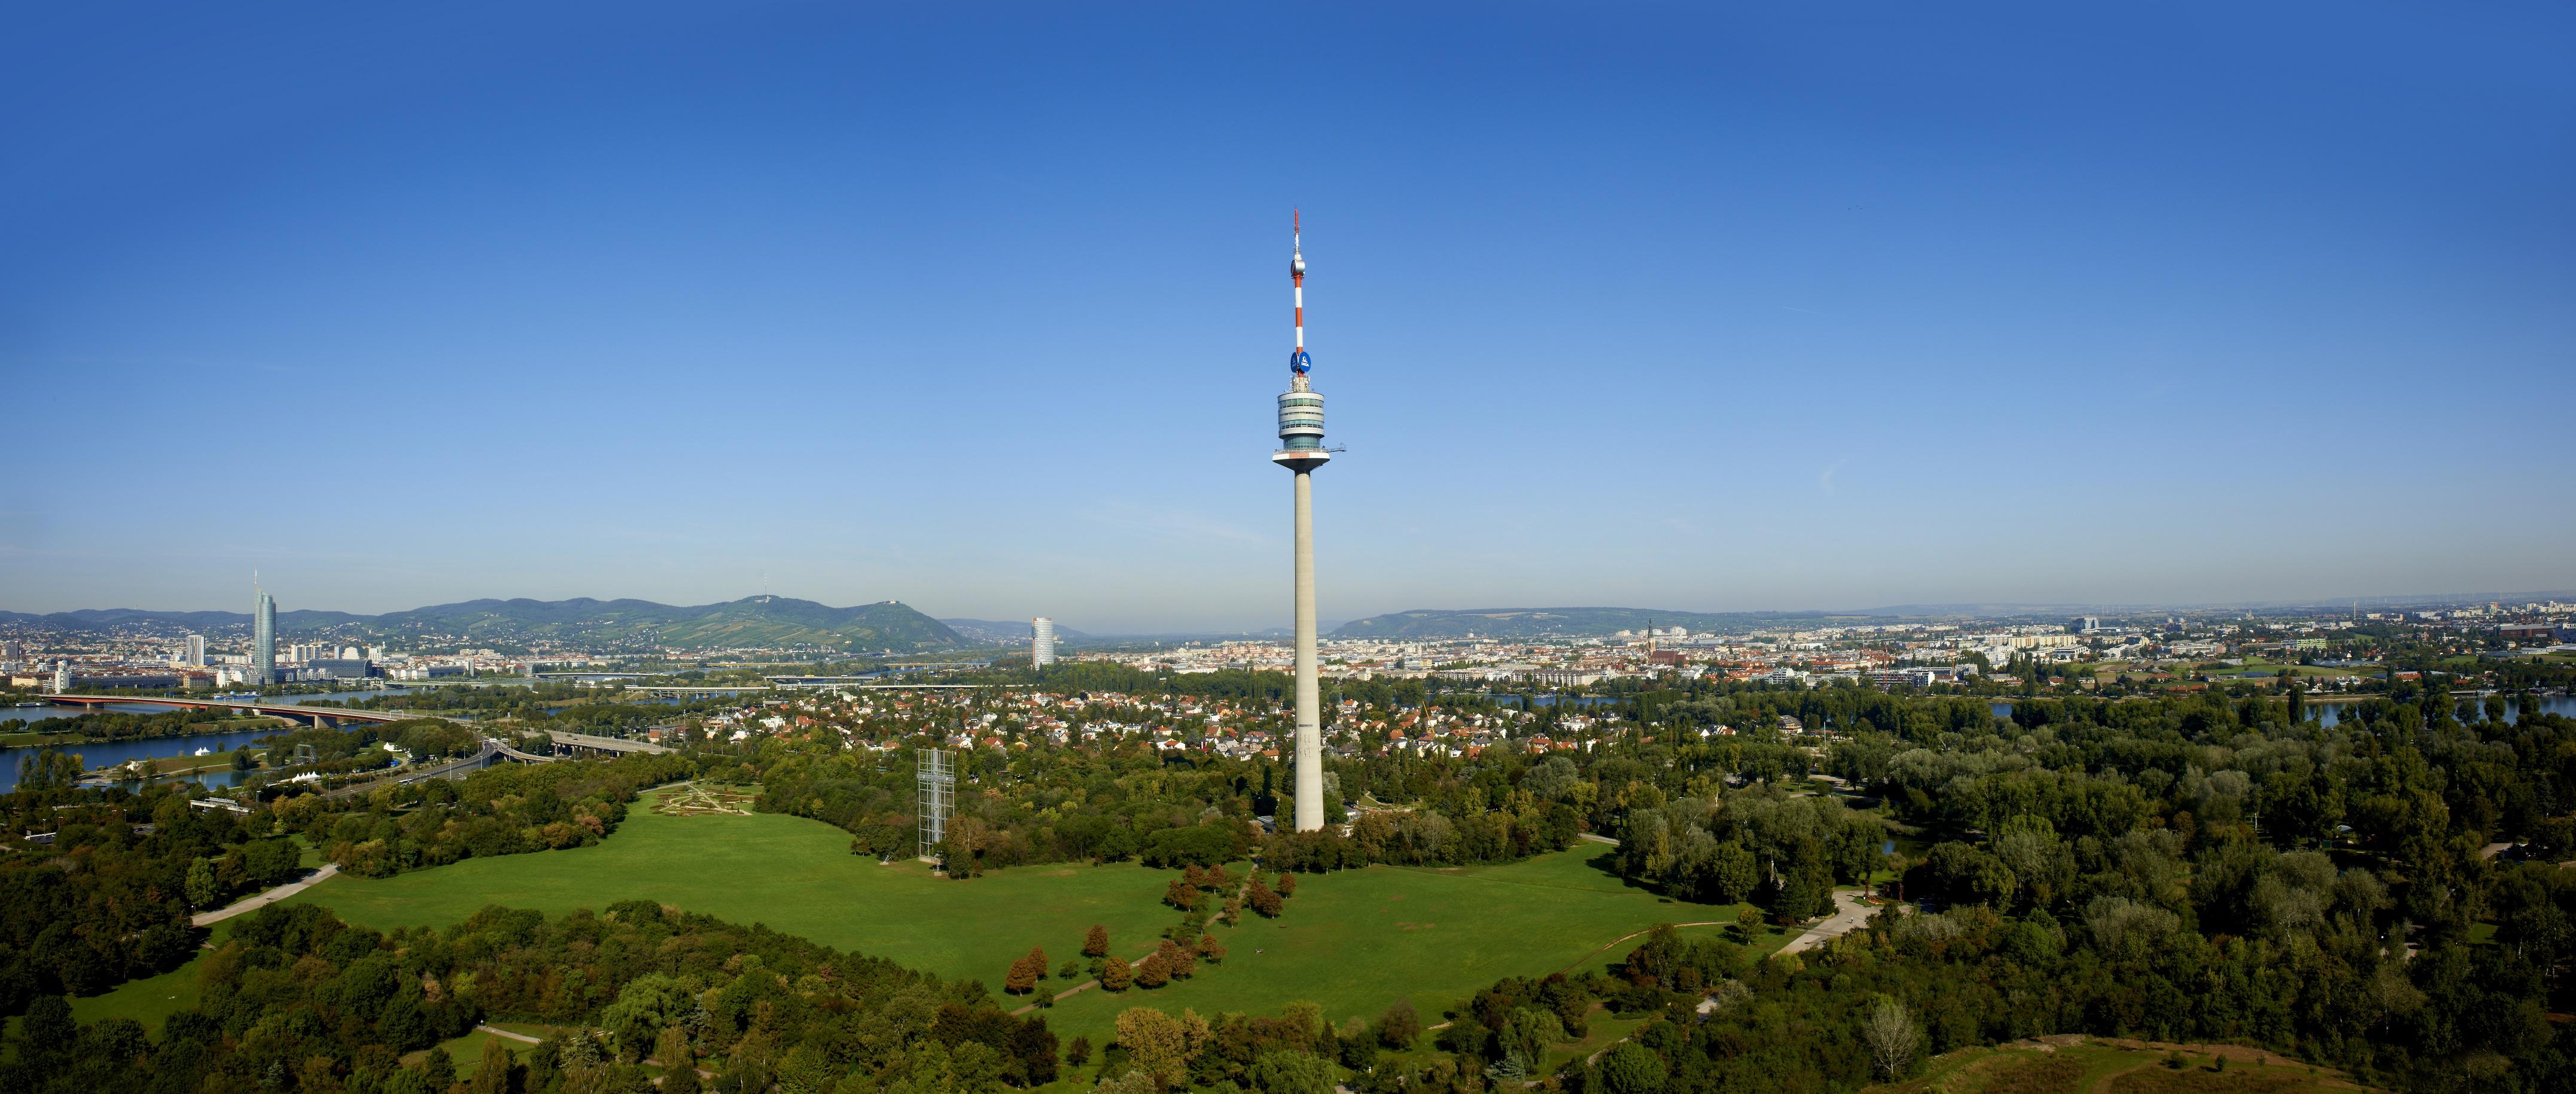 Donauturm Querformat